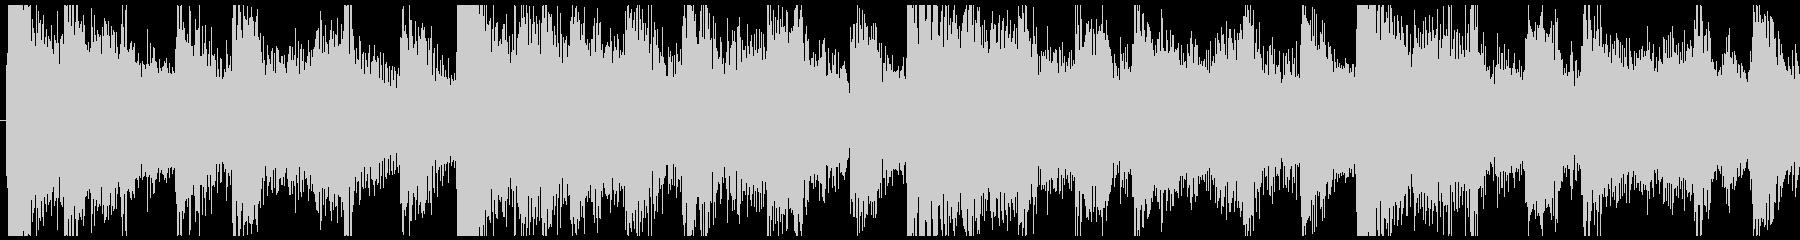 環境にやさしい事業紹介のCM曲-ループ3の未再生の波形